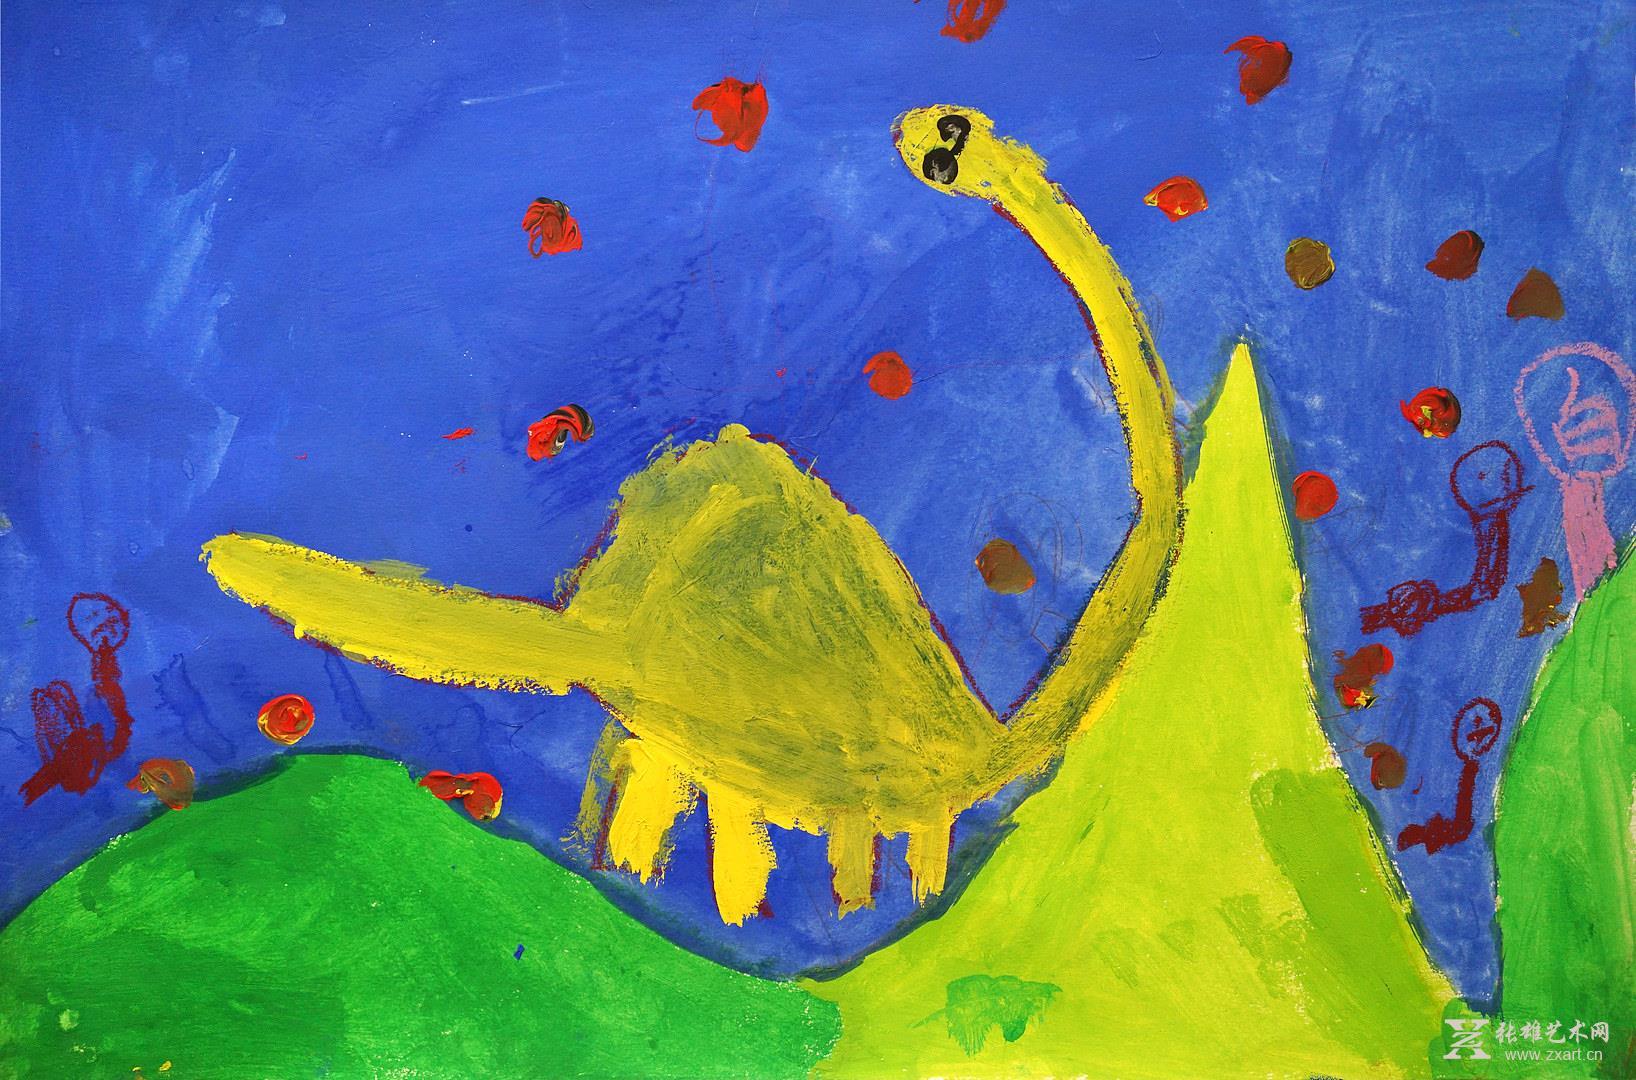 幼儿园树叶粘贴画图片大全恐龙